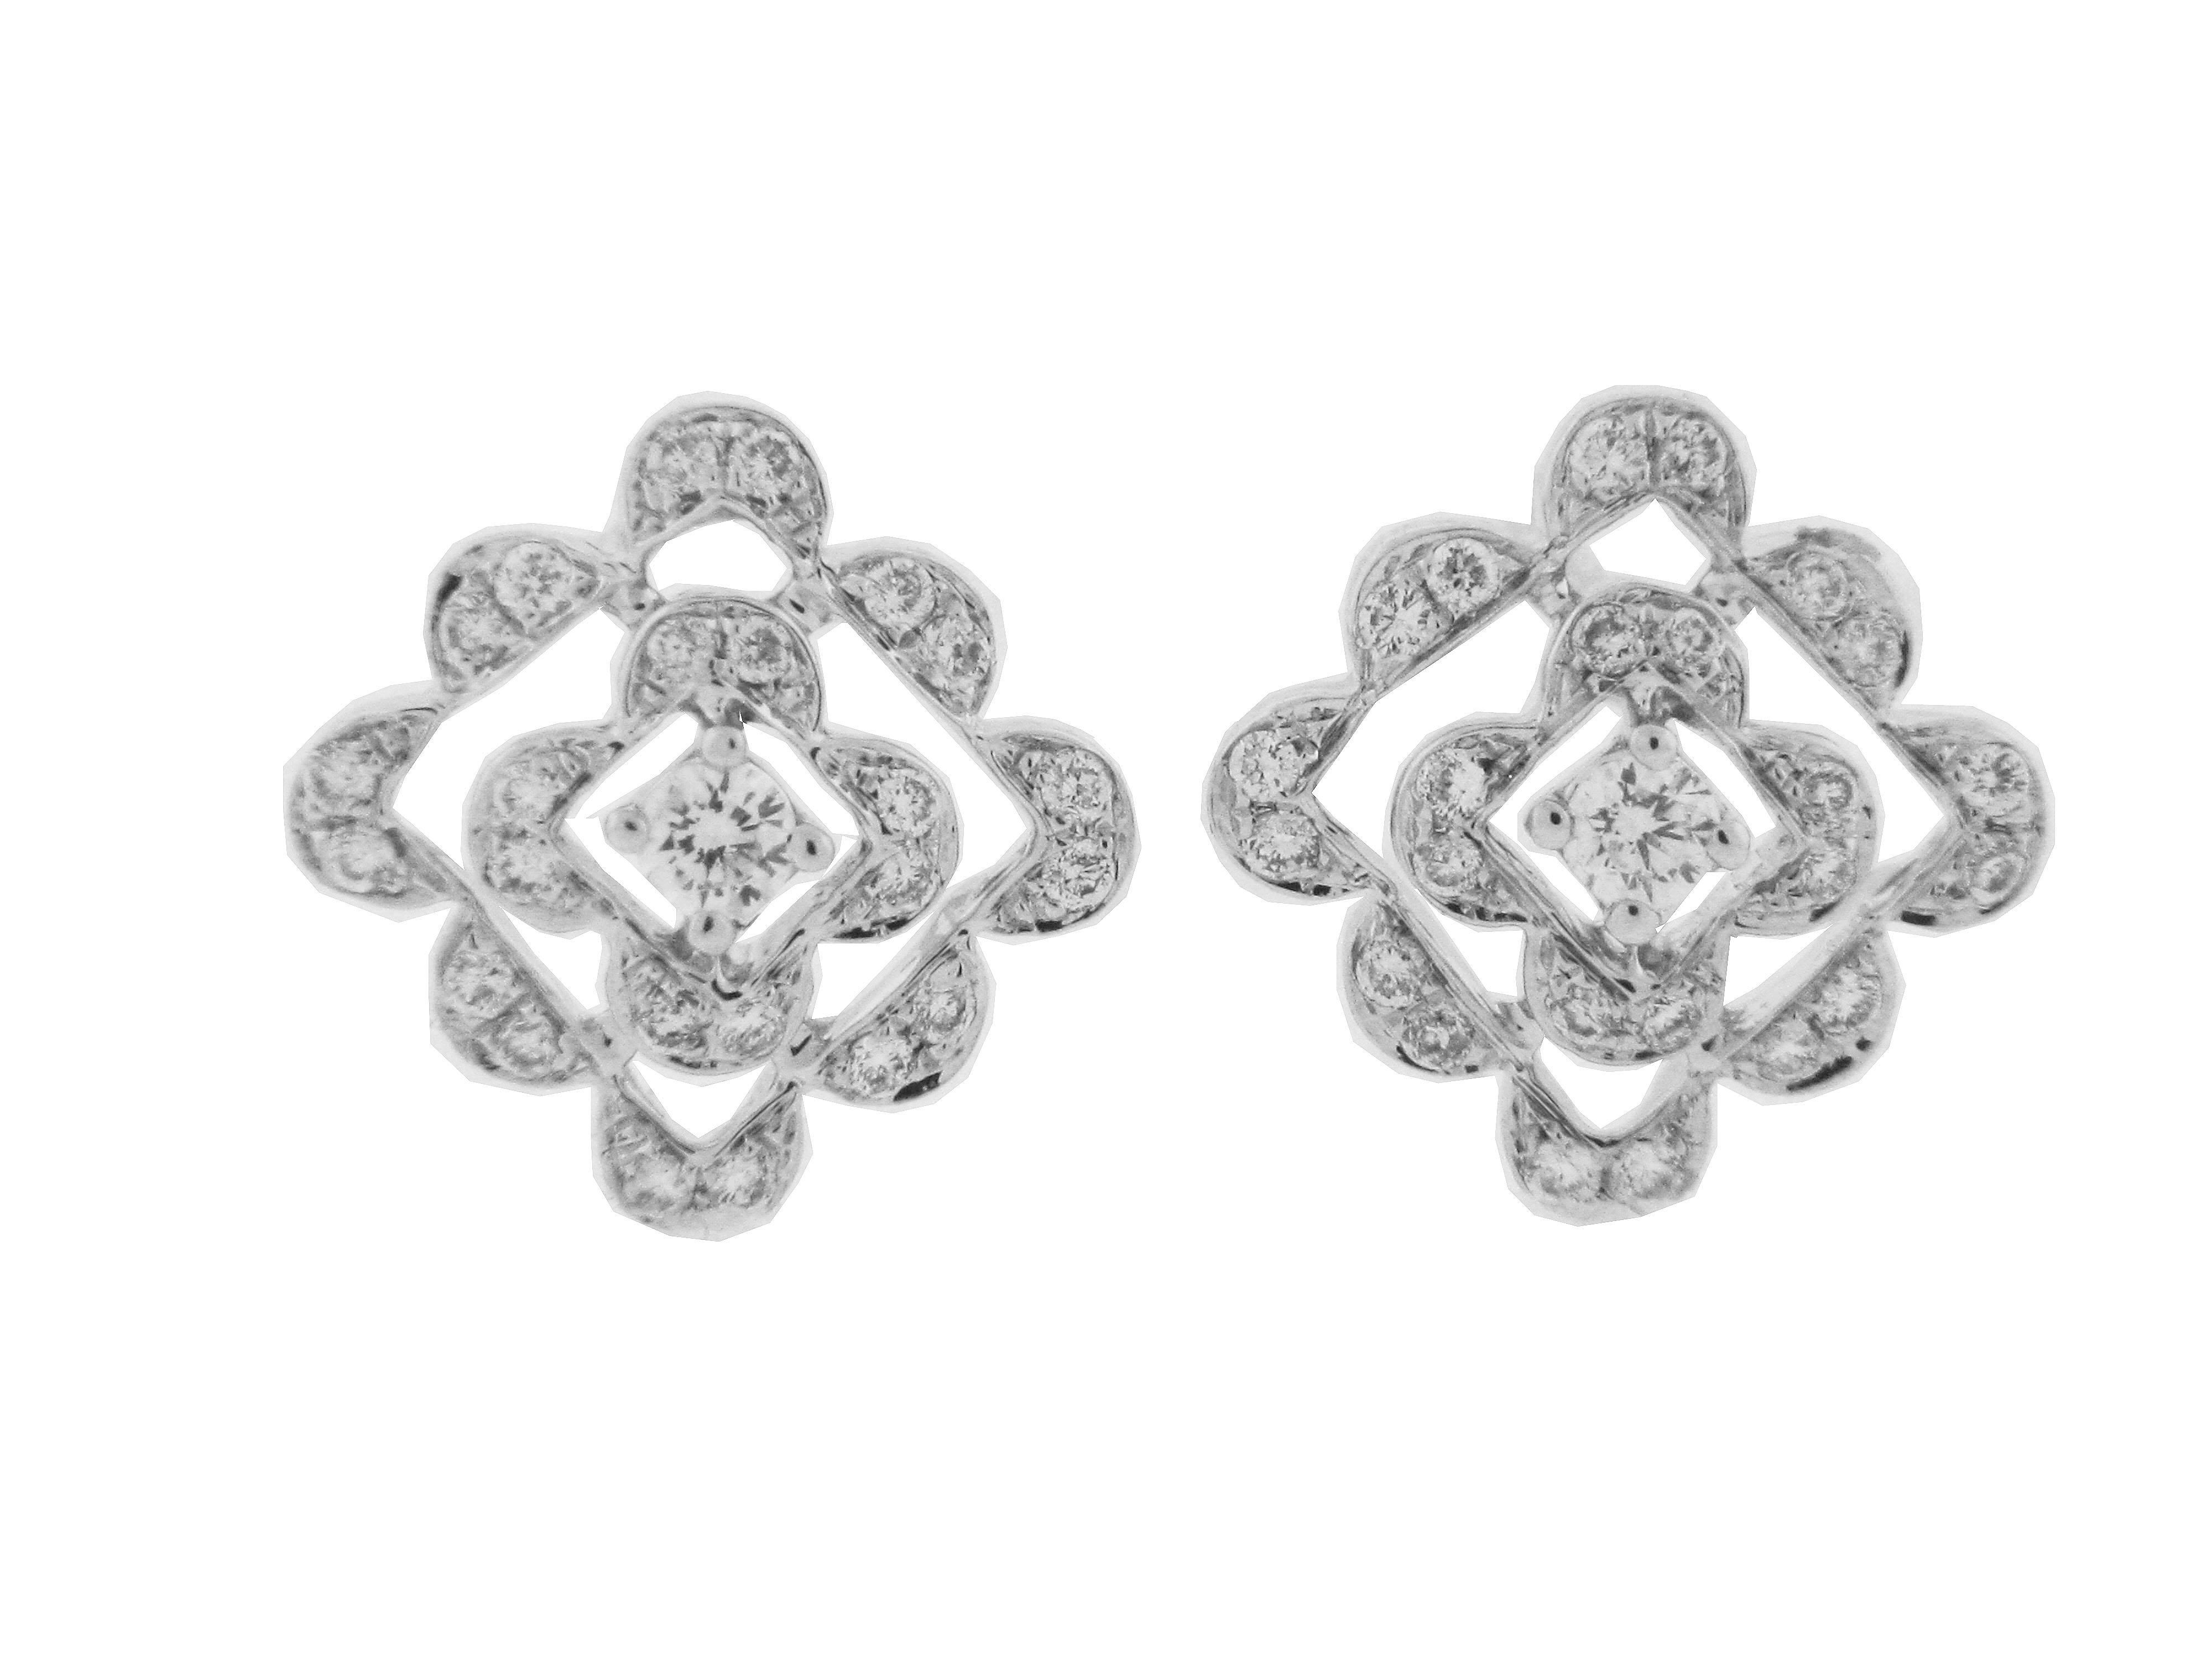 Stud Earrings At Vonora